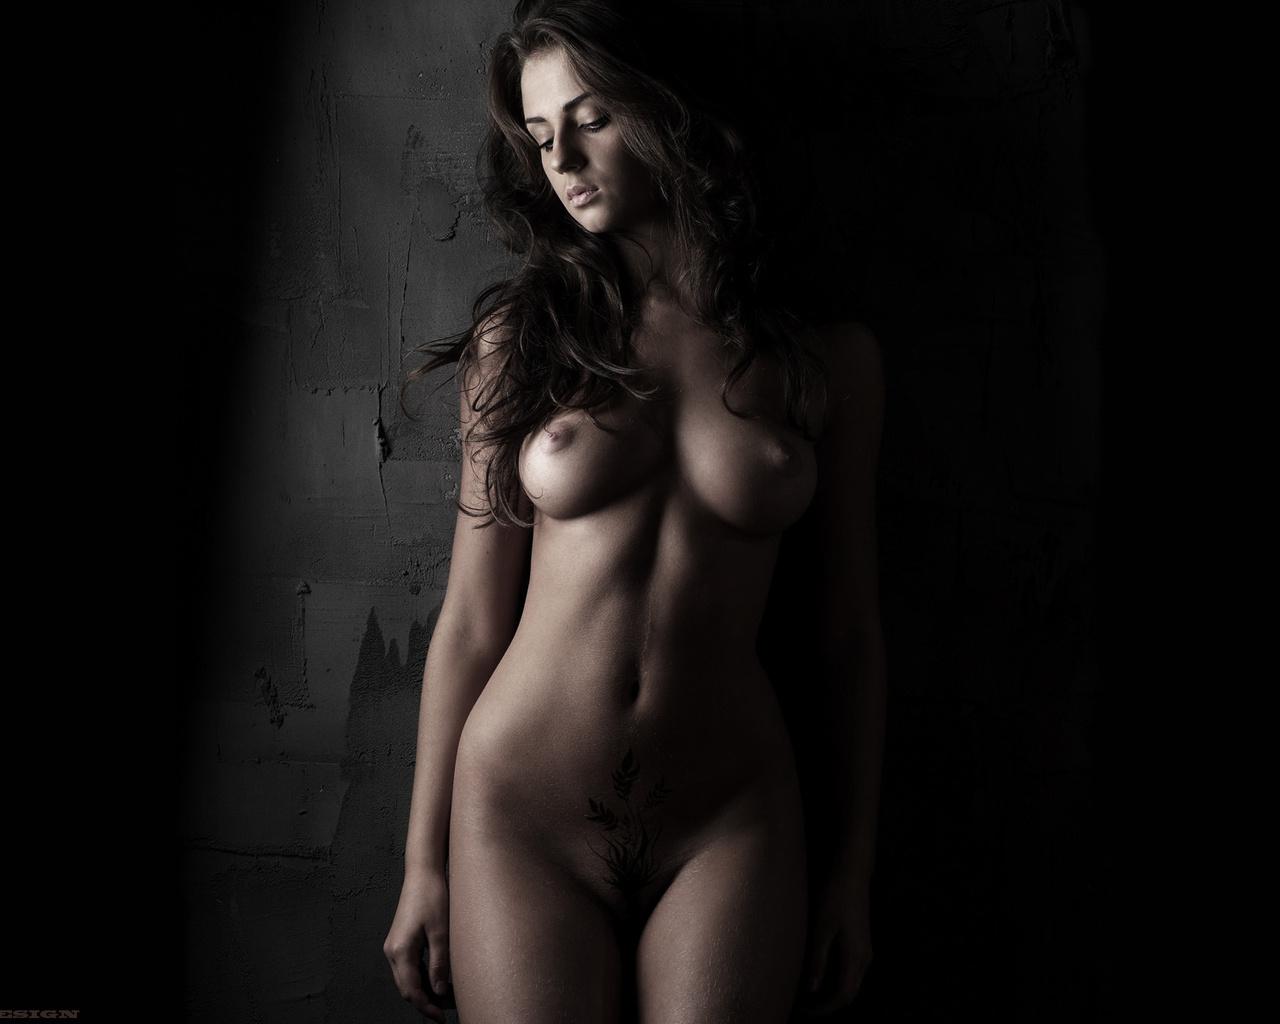 Фотки голых девушек 21 фотография